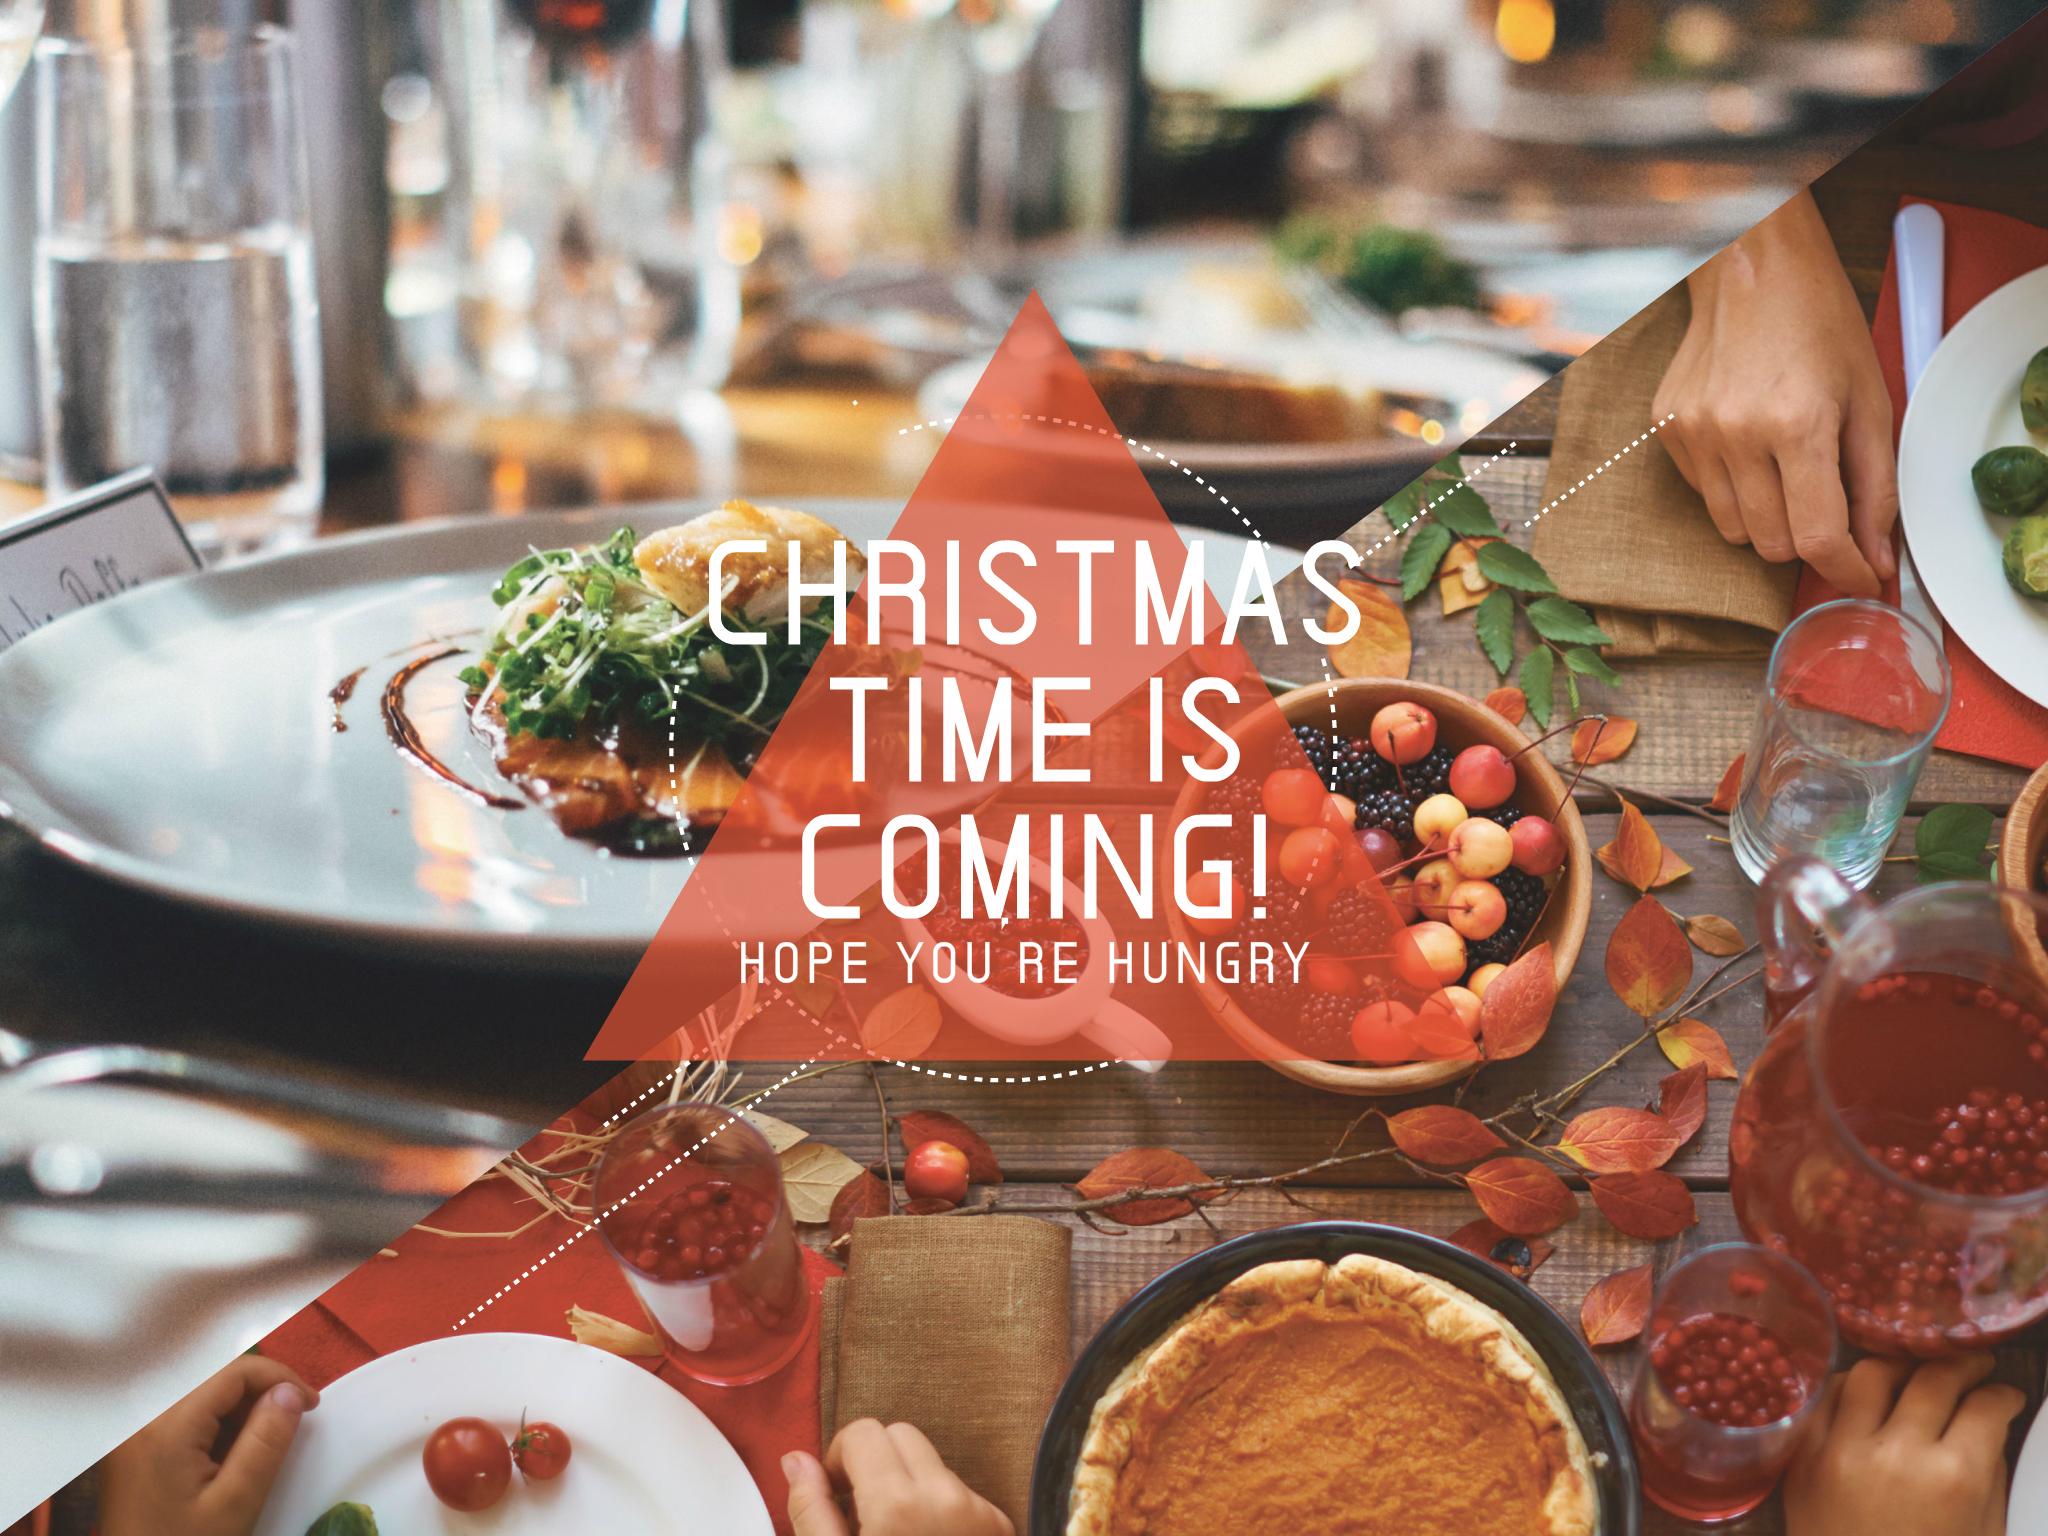 Invite for a festive dinner